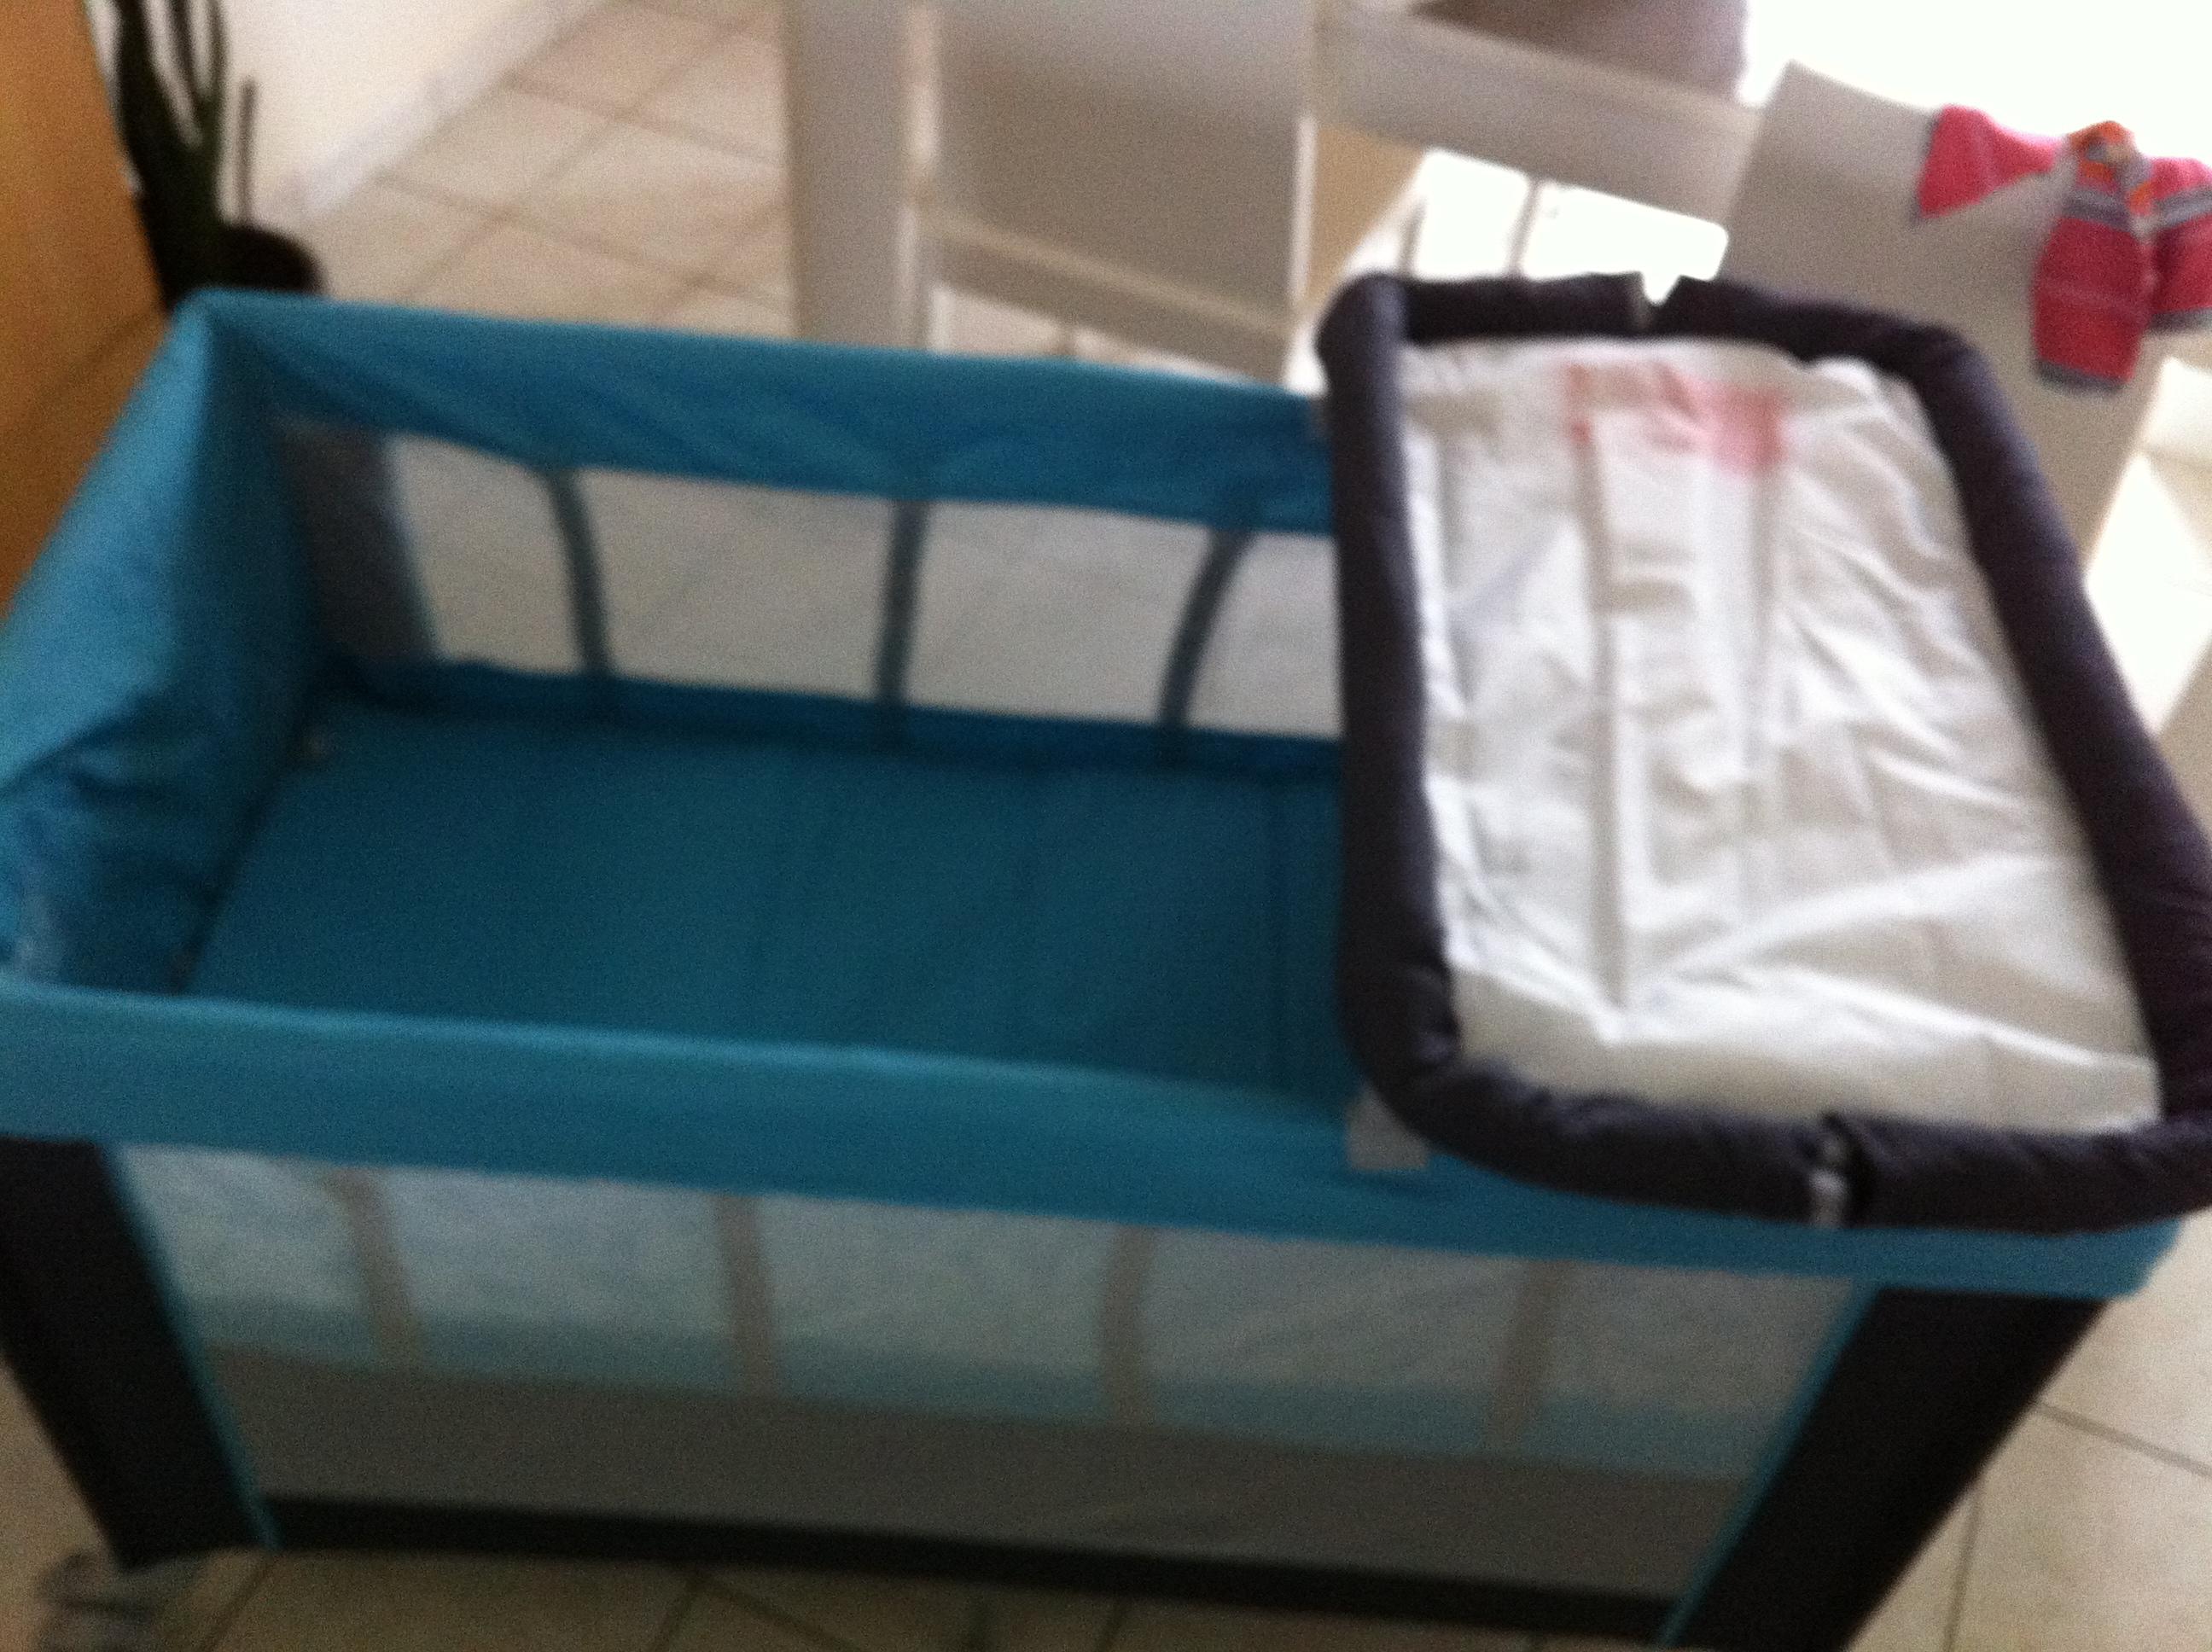 mini lit parapluie auchan top mini lit parapluie auchan with mini lit parapluie auchan perfect. Black Bedroom Furniture Sets. Home Design Ideas